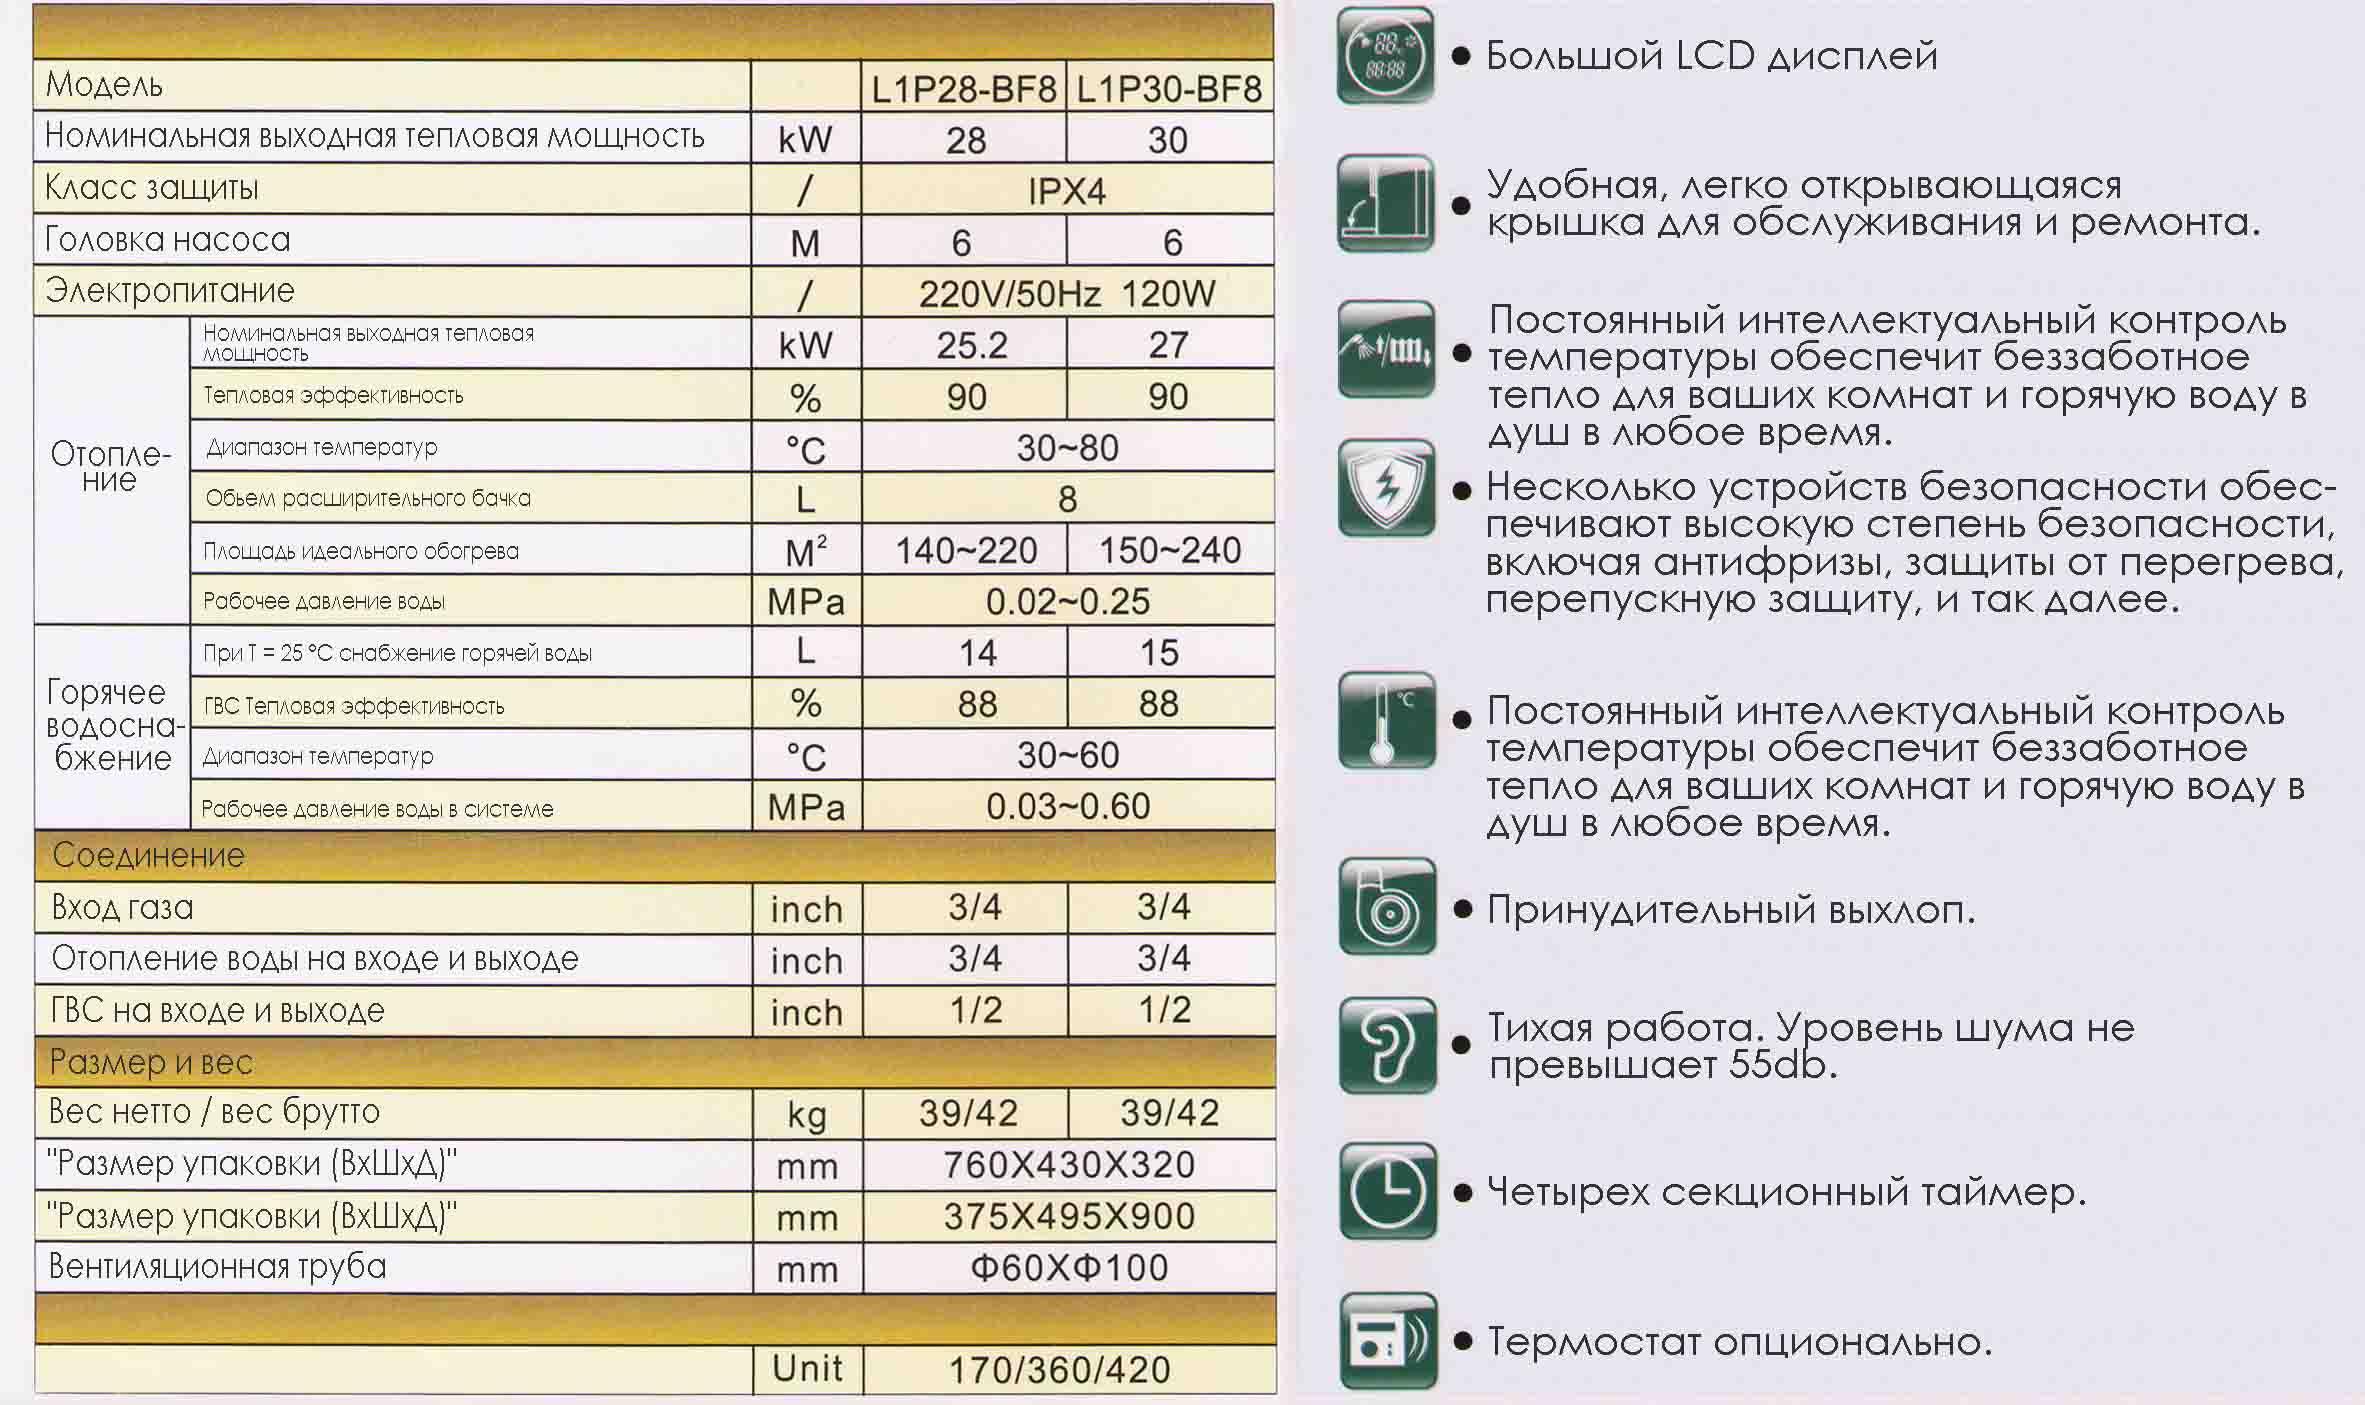 ООО VERTEX GLOBAL Оптовая торговля и Логистика